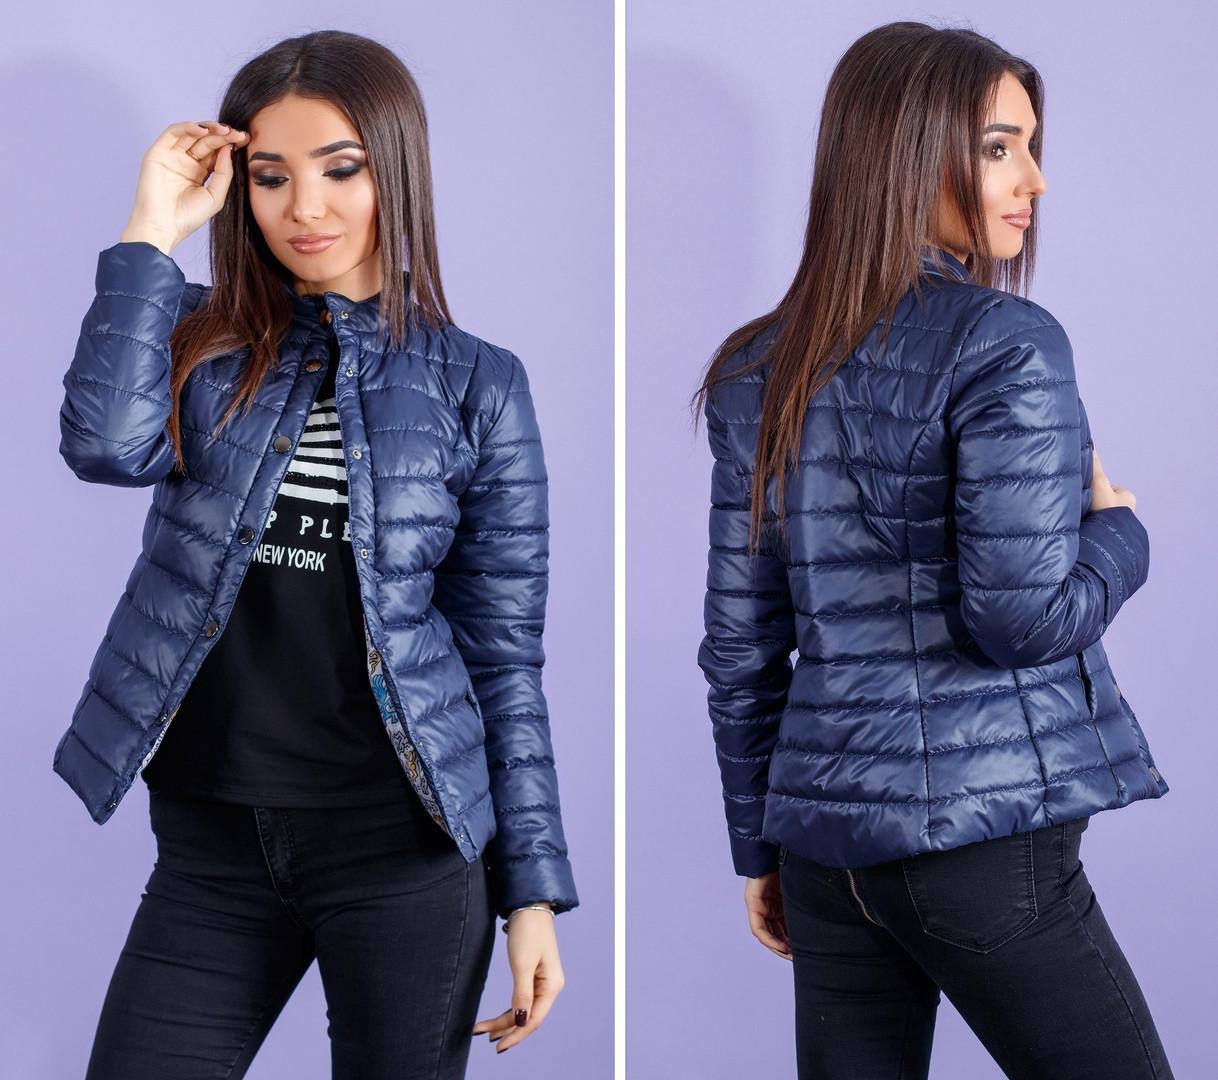 94deb7d9e07 Женская стильная стеганая куртка на синтепоне мод.176 - PARADISE ...с нами